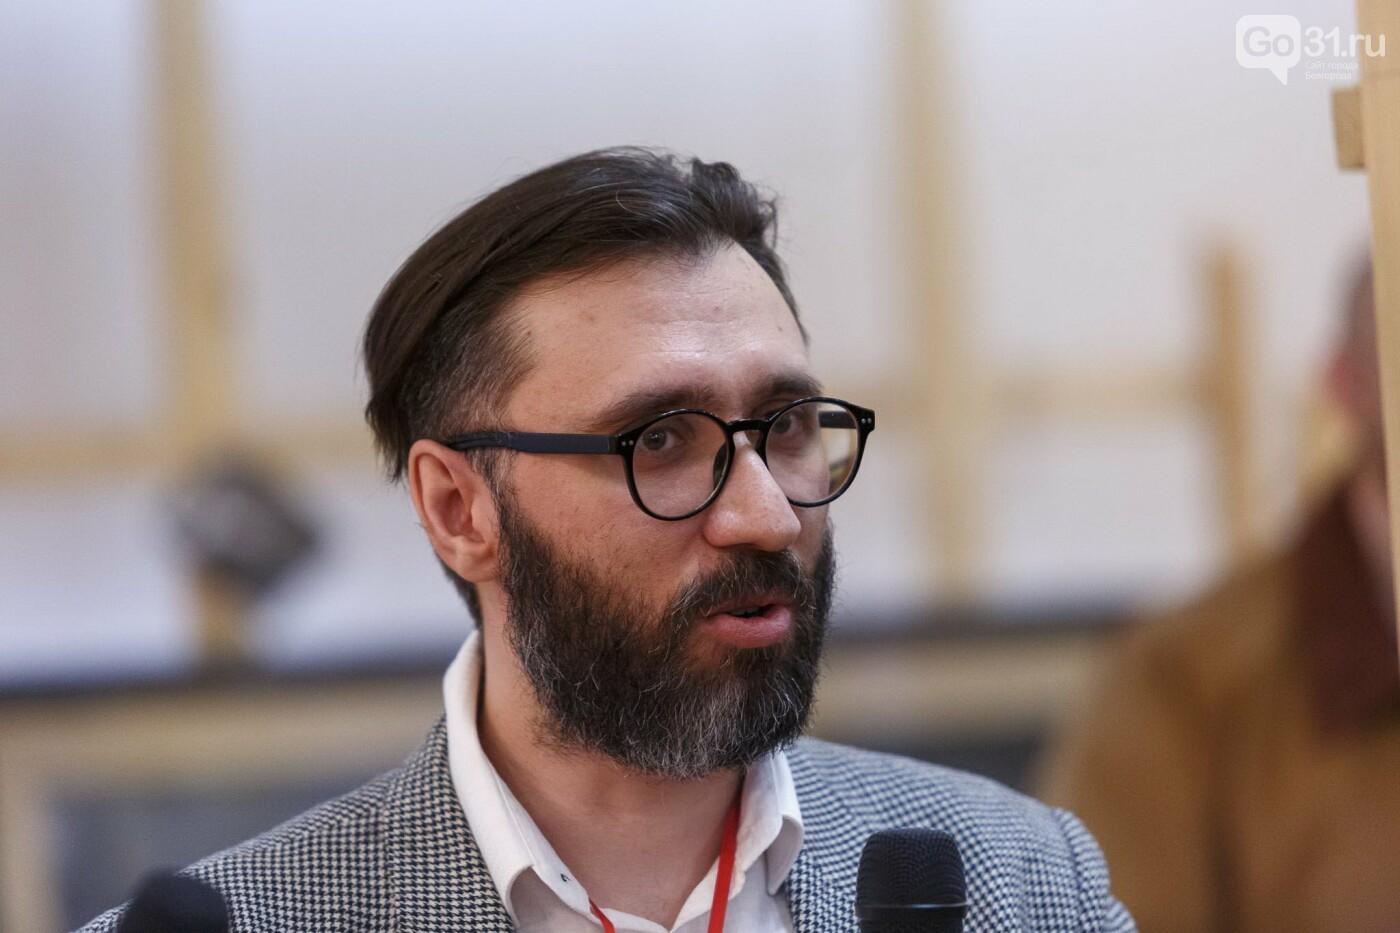 Павел Титович, Фото: Антон Вергун